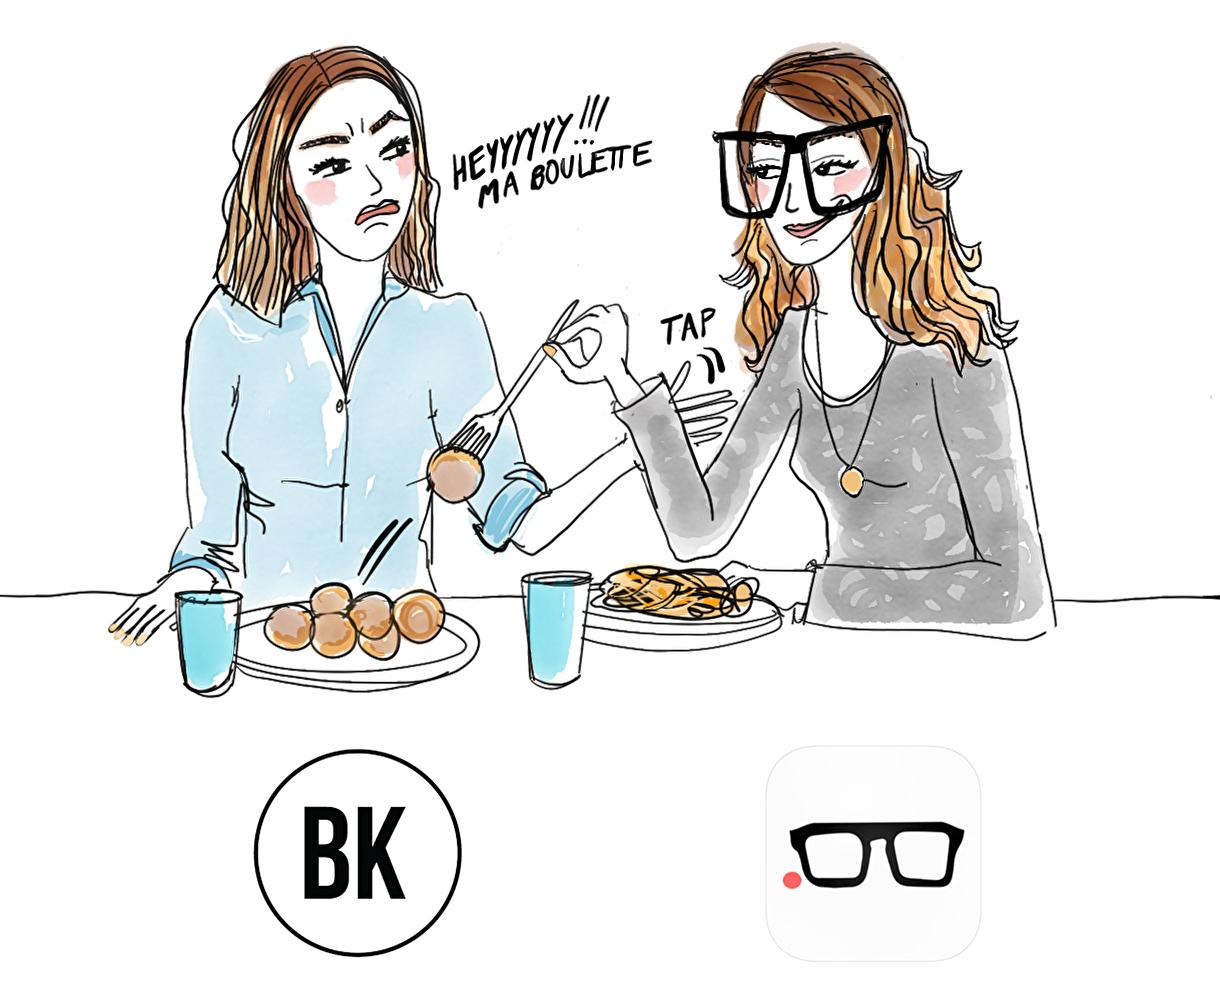 [VIDÉO] Brussels' Kitchen devient la superhéroïne de Supermiro